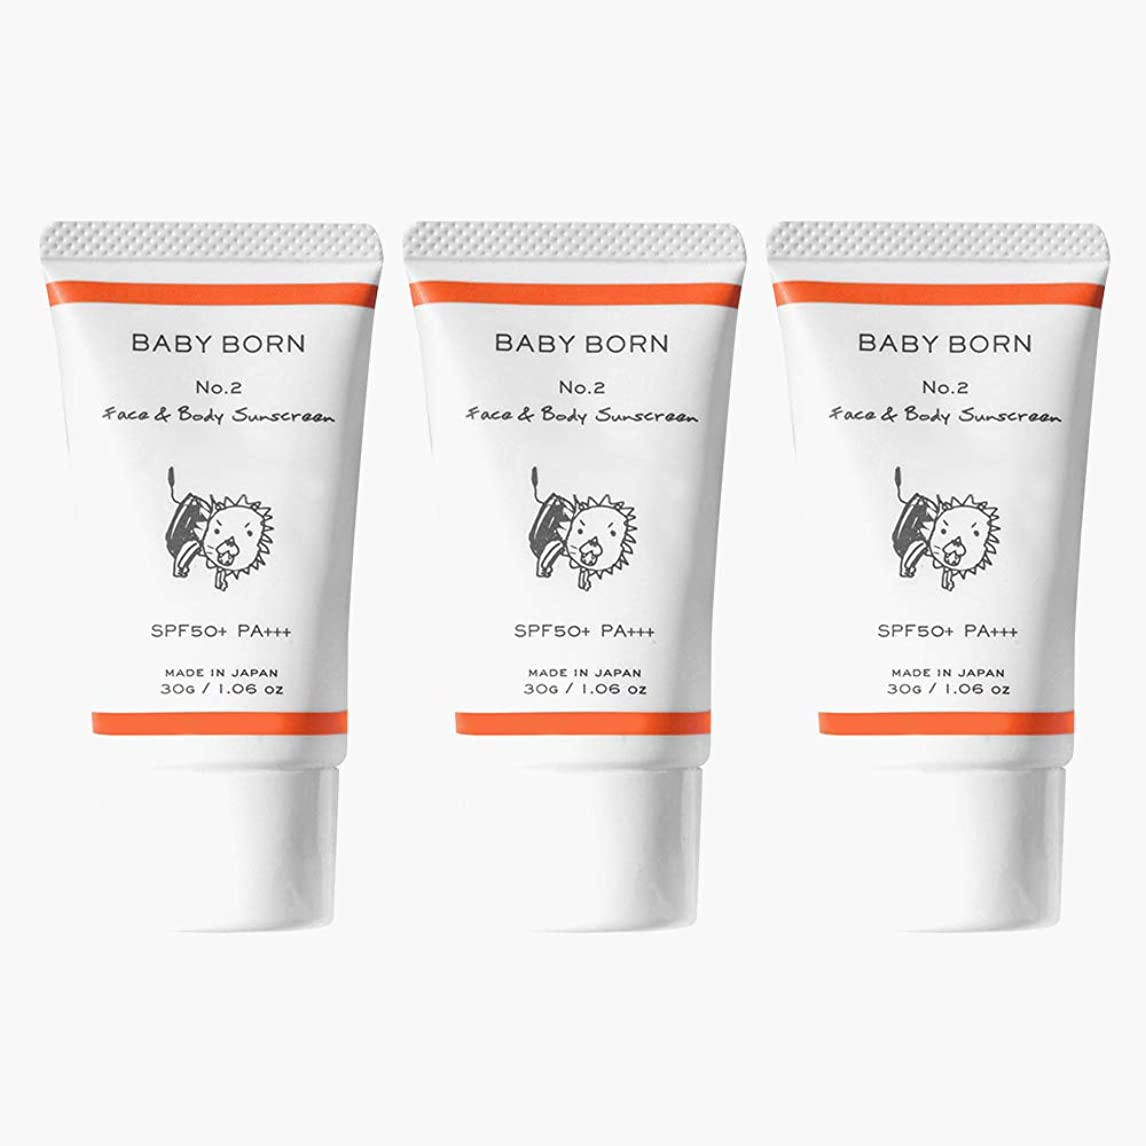 衛星ぴったり乗り出す日焼け止め 赤ちゃんや子どもにも使えるBABY BORN(ベビーボーン) Face&Body Sunscreen 3個セット 日焼け止め UV ケア 東原亜希 高橋ミカ 共同開発 SPF50+/PA++++